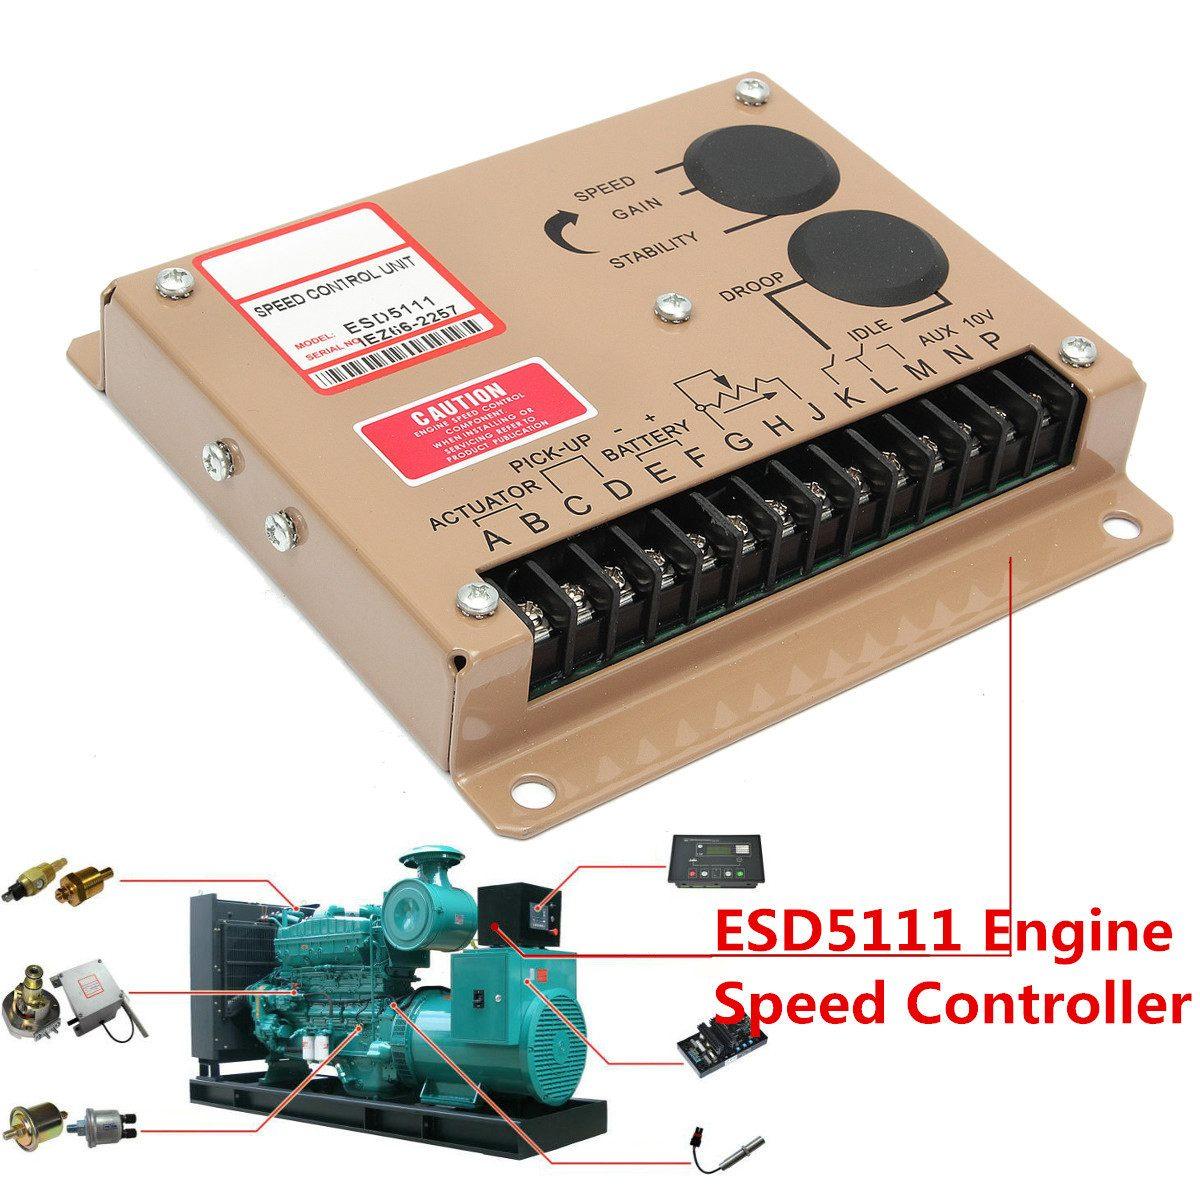 Contrôleur électronique d'unité de régulateur de vitesse de moteur pour pièces de groupe électrogène Diesel ESD5111 Instructions en anglais